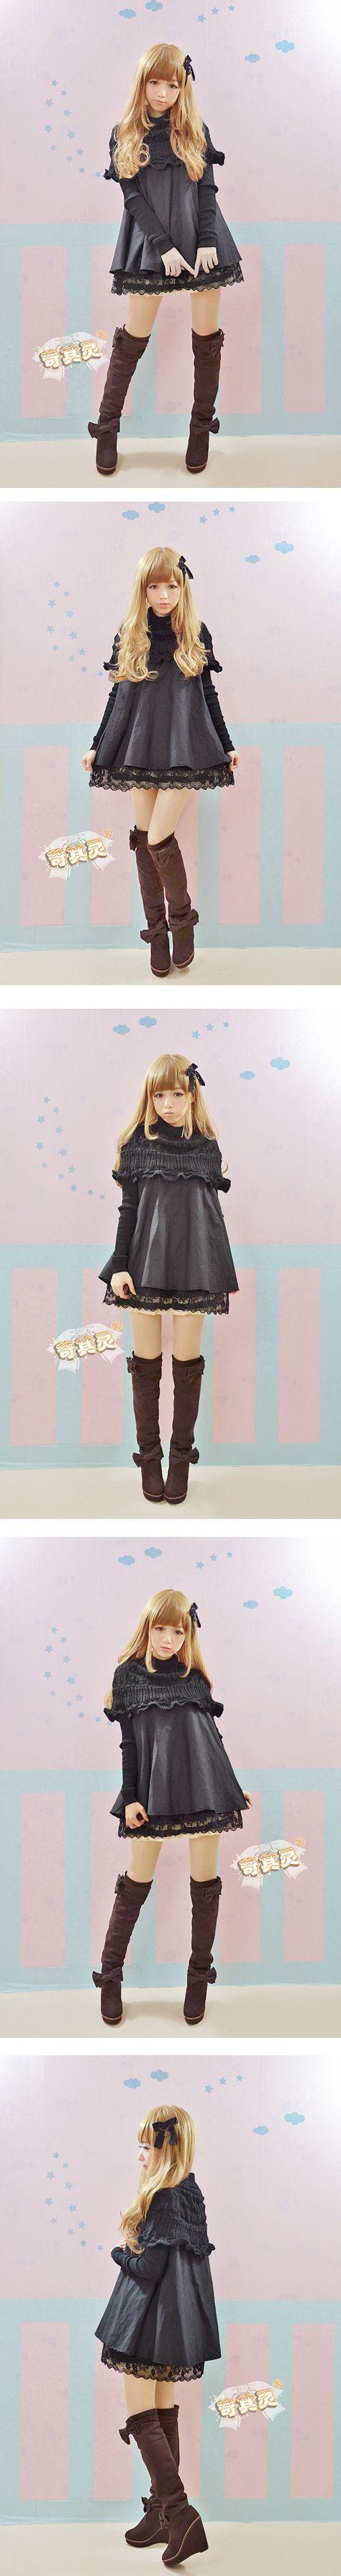 Suéter de la capa doble cuello de encaje negro mullido muñeca vestido del remiendo de una sola pieza del vestido lolita dulce envío gratis en Vestidos de Moda y Complementos Mujer en AliExpress.com | Alibaba Group